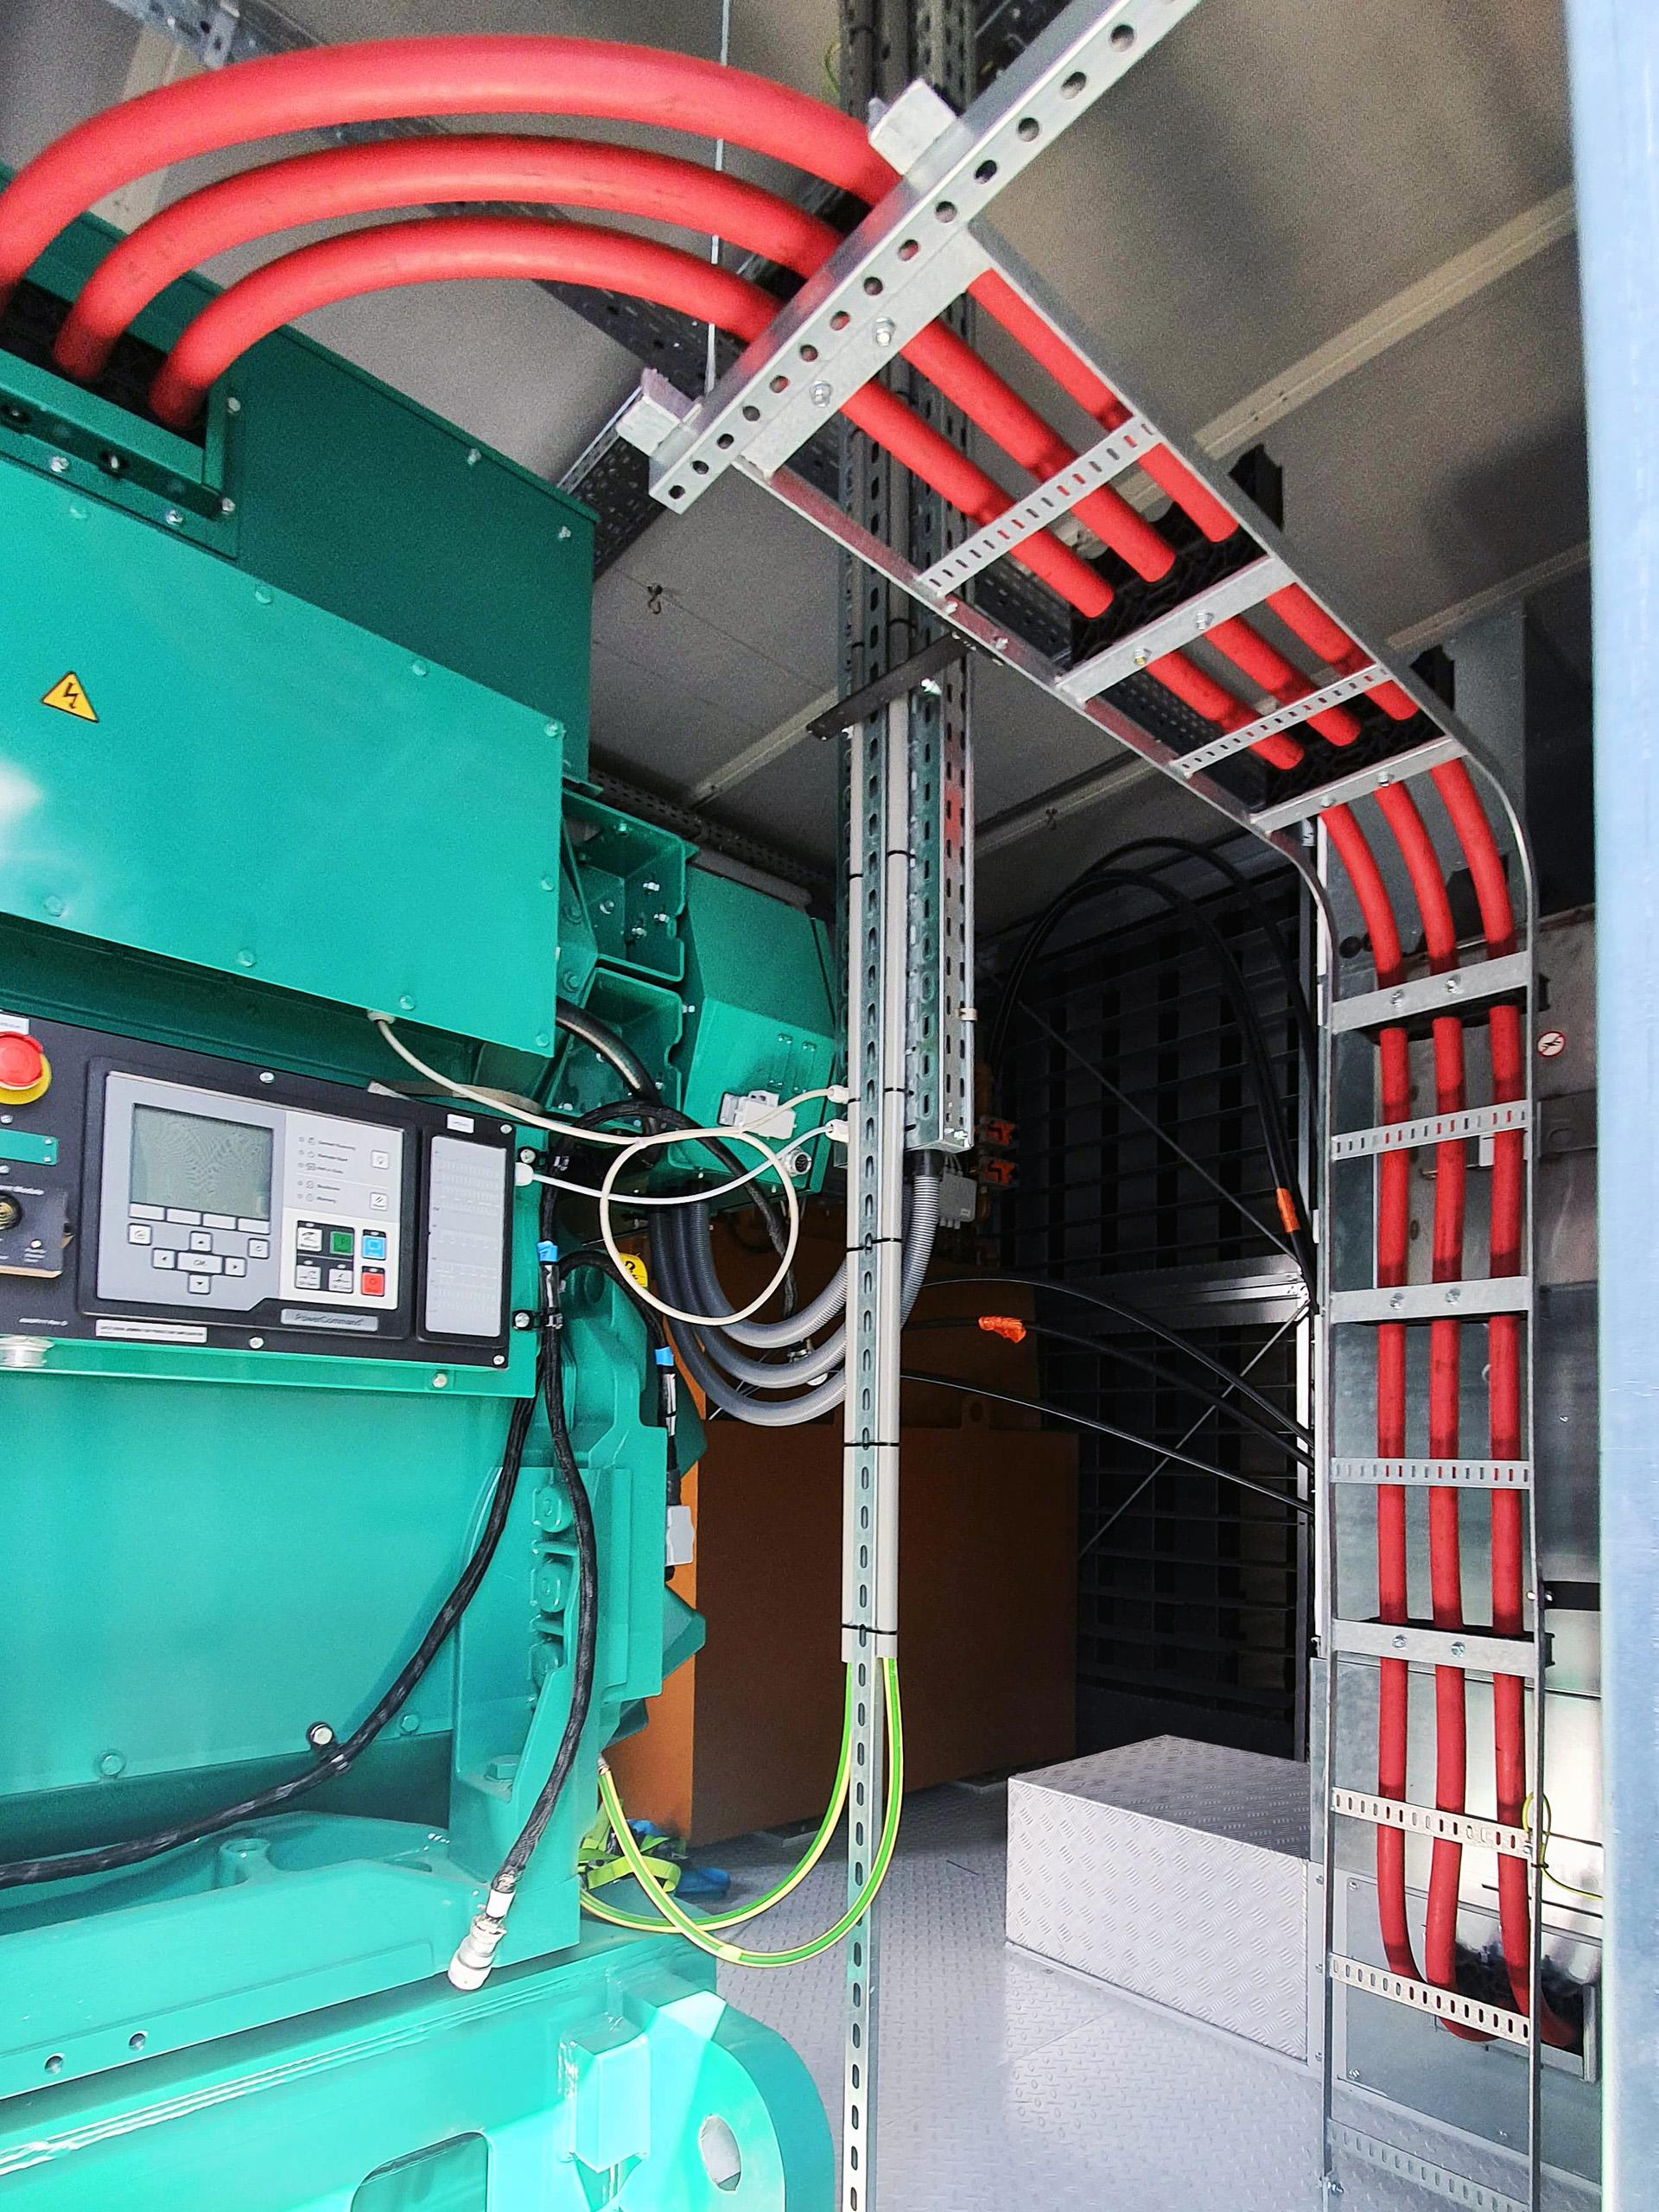 El sistema de tuberías de suministro de diésel conecta los tanques de combustible subterráneos con los generadores instalados en el tejado de la instalación.